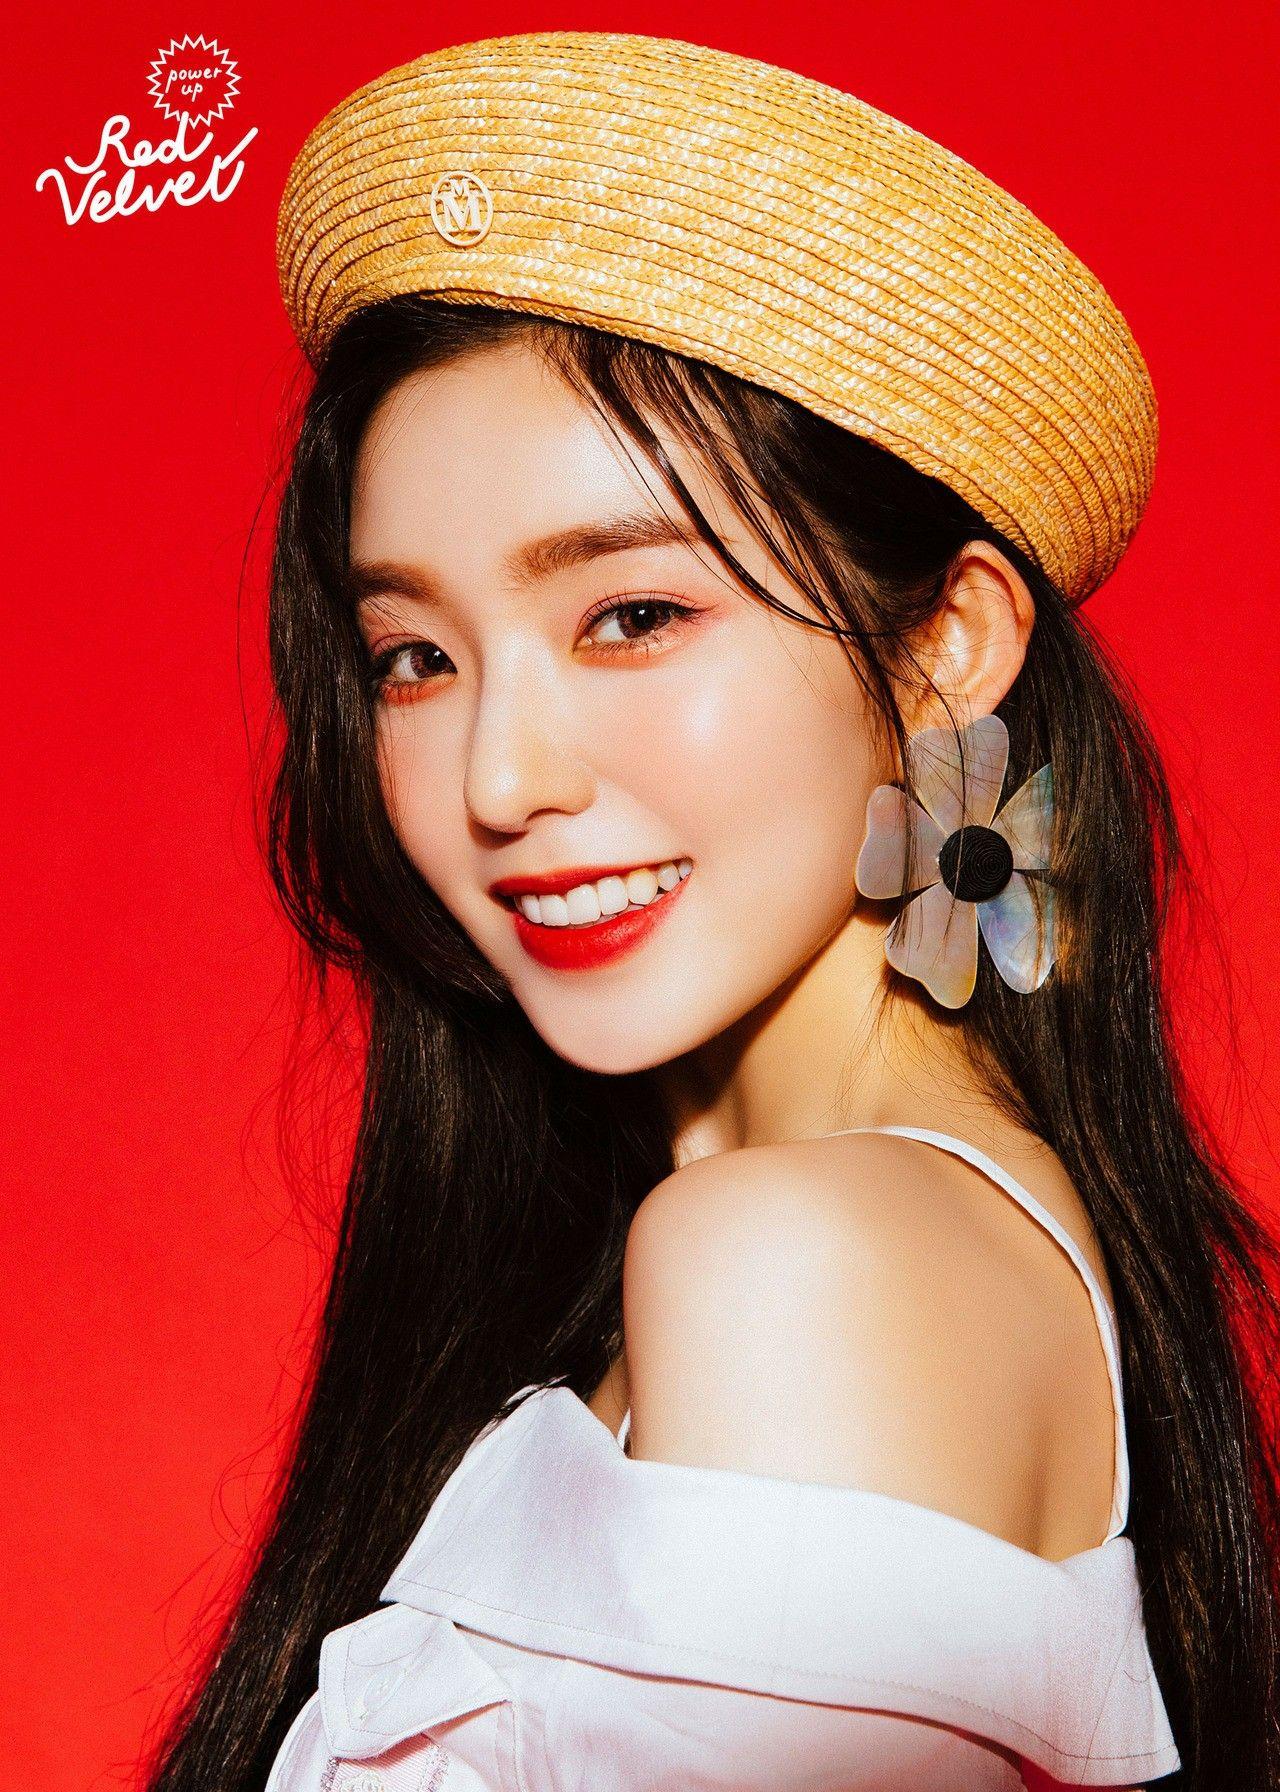 Irene red velvet summer magic power up teaser Atrizes